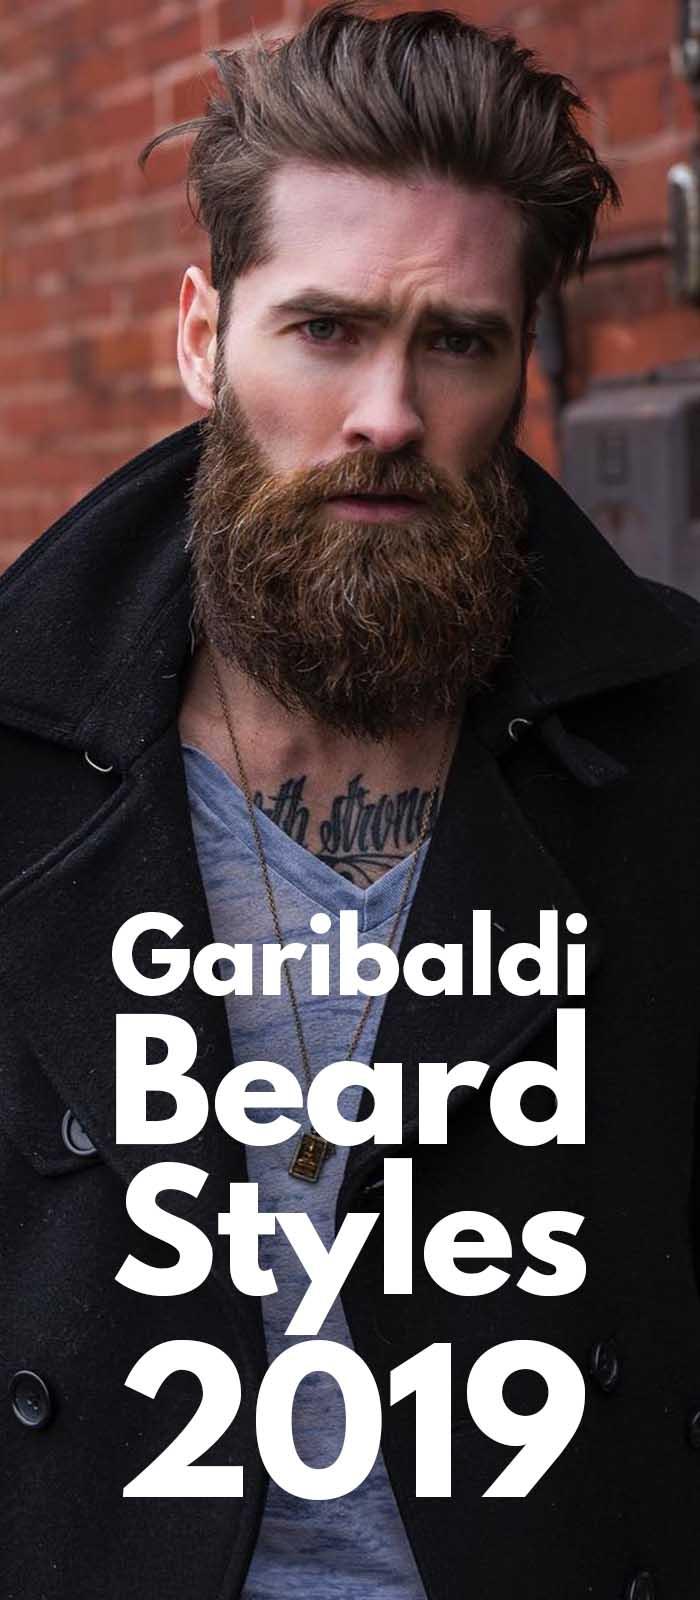 Garibaldi Beard Style.